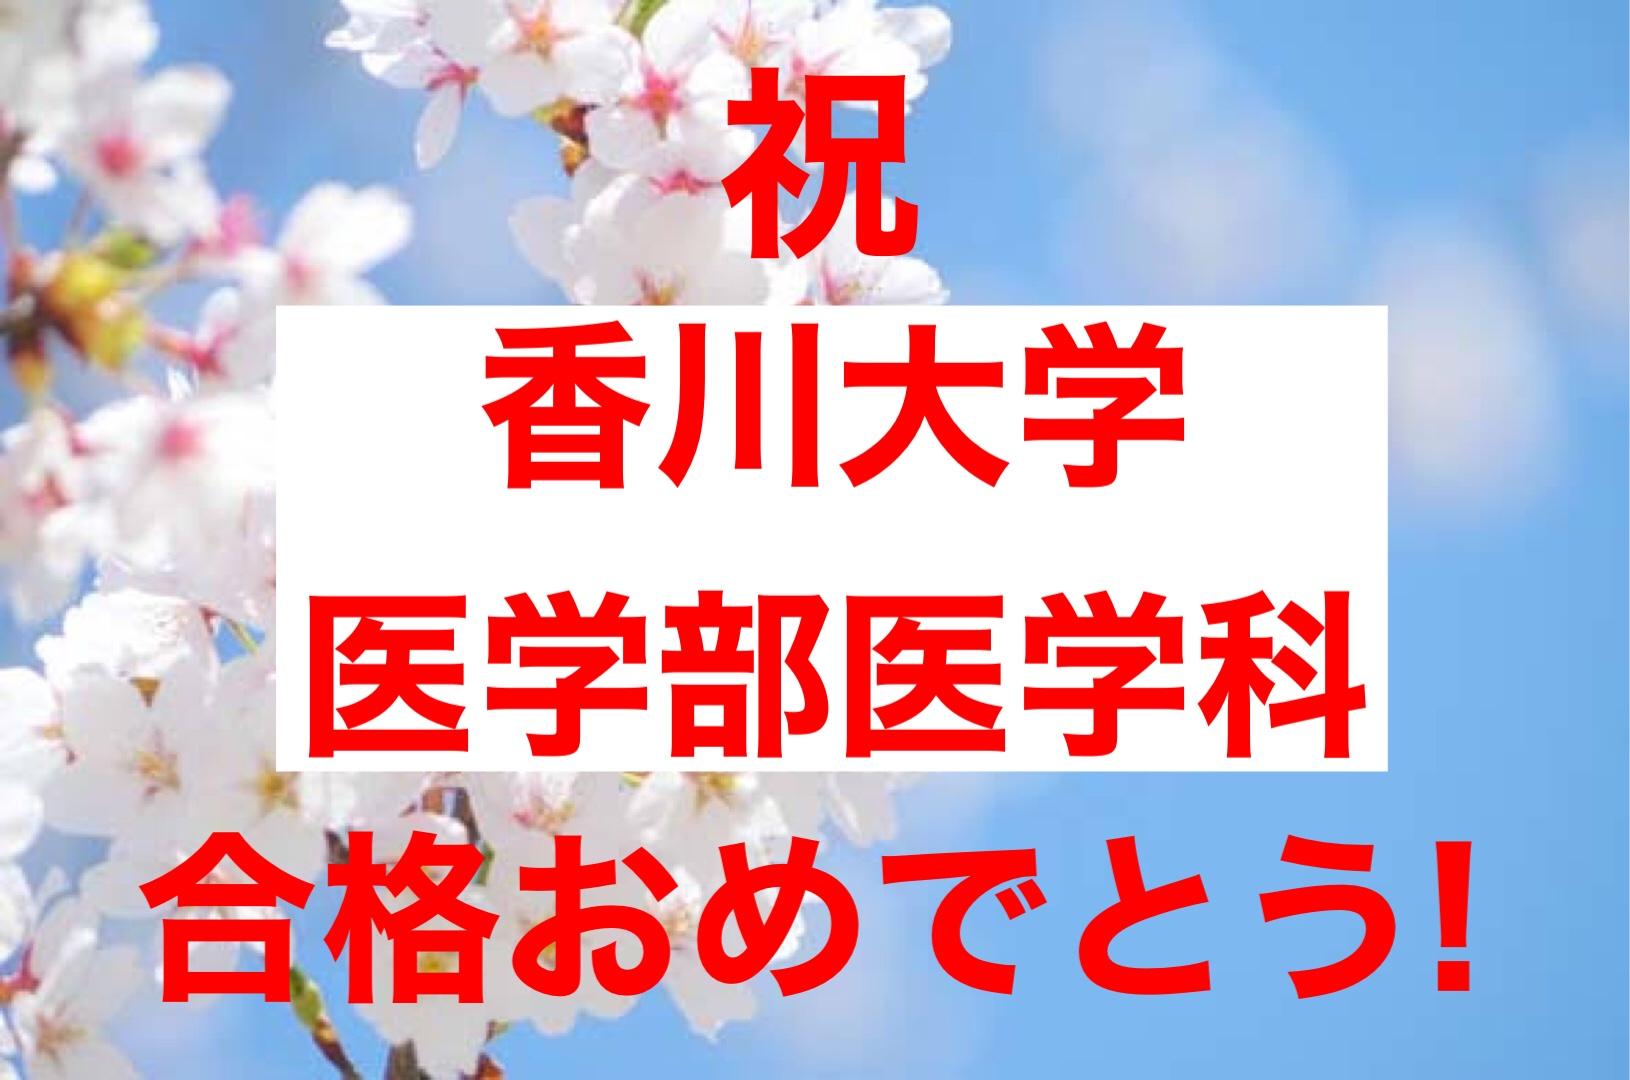 祝!香川大学医学部医学科合格!!